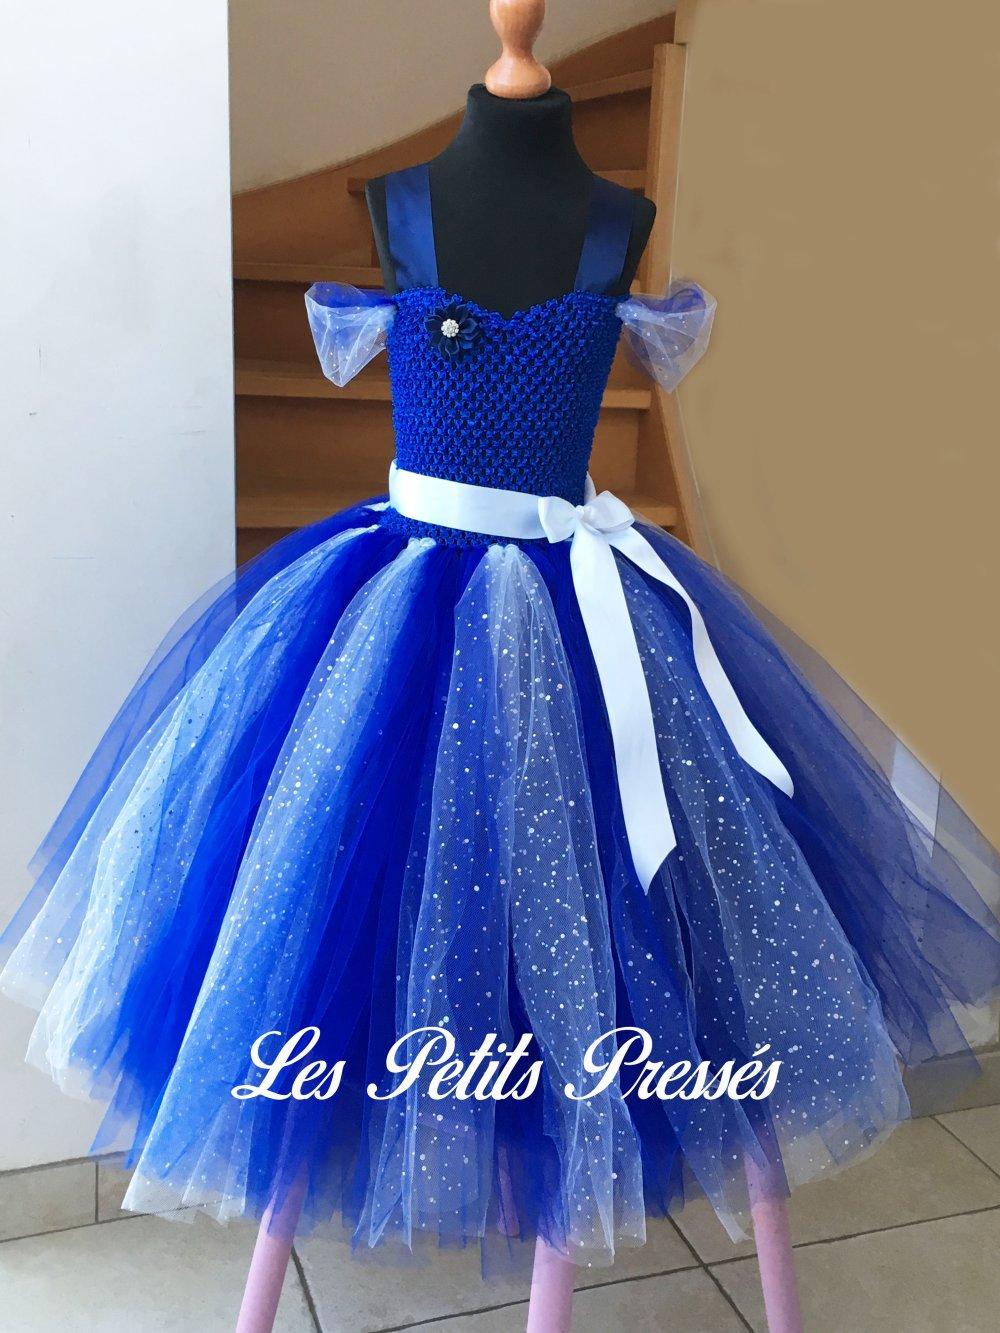 Robe de cérémonie en tulle bleu et blanc à paillettes - taille 9/10 ans